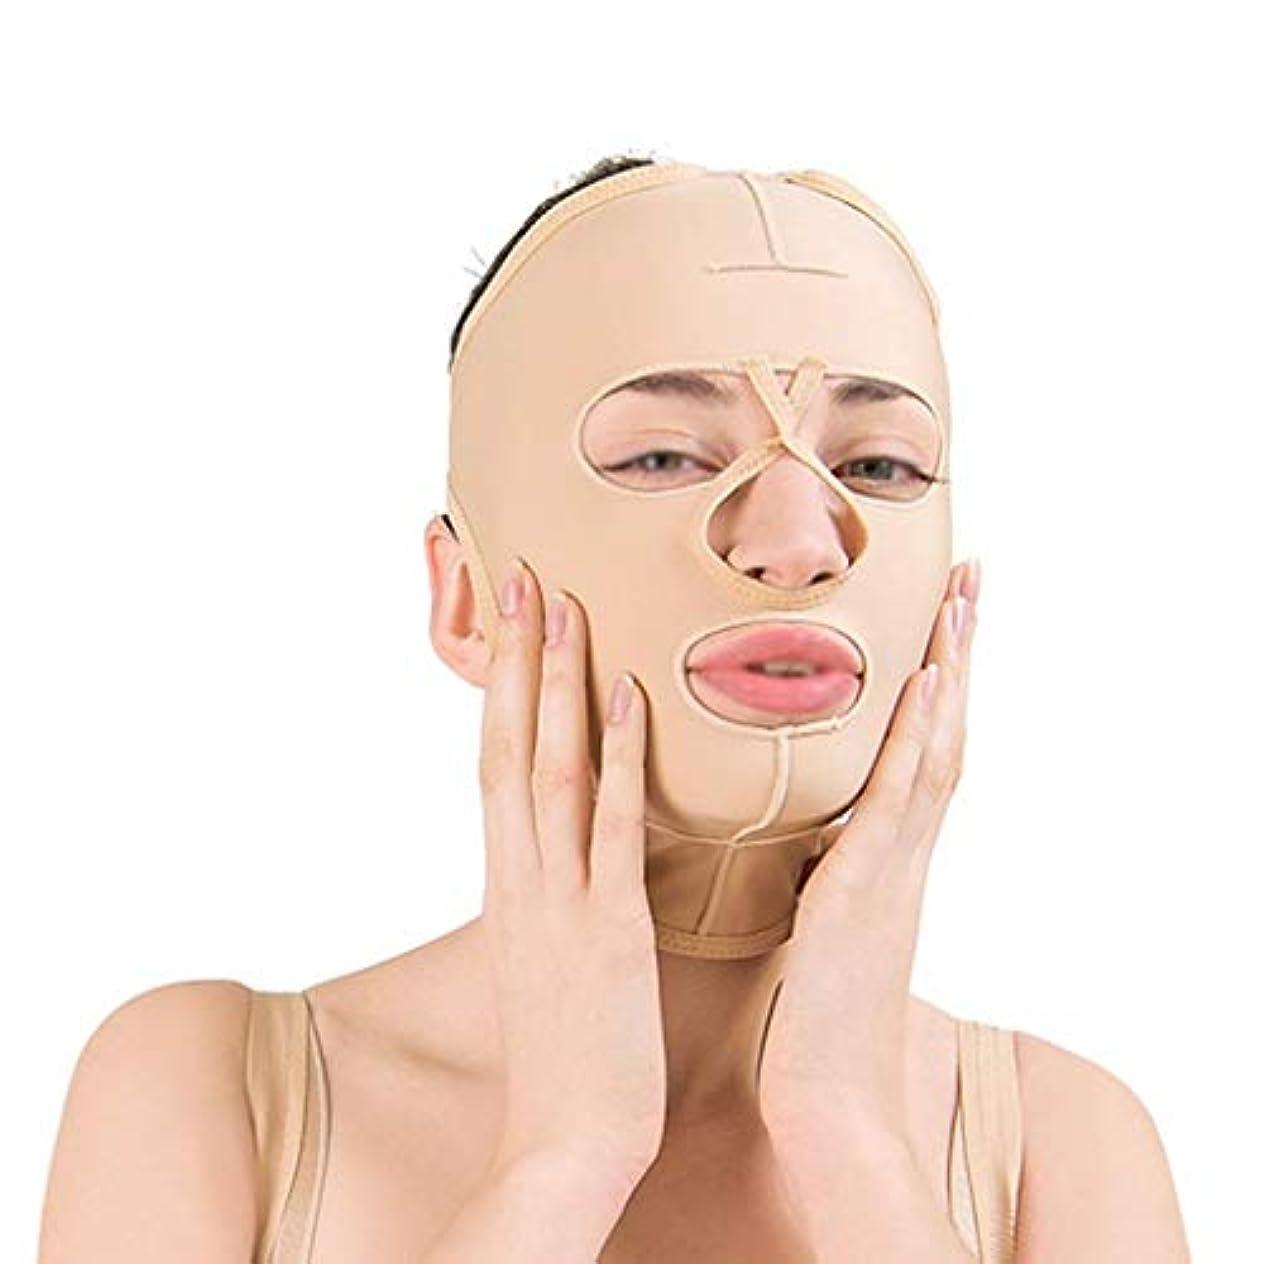 固有のふつうスピーチフェイススリミングマスク、フェイスバンデージ付きフェイシャル減量マスク、通気性フェイスリフト、引き締め、フェイスリフティング(サイズ:L),S